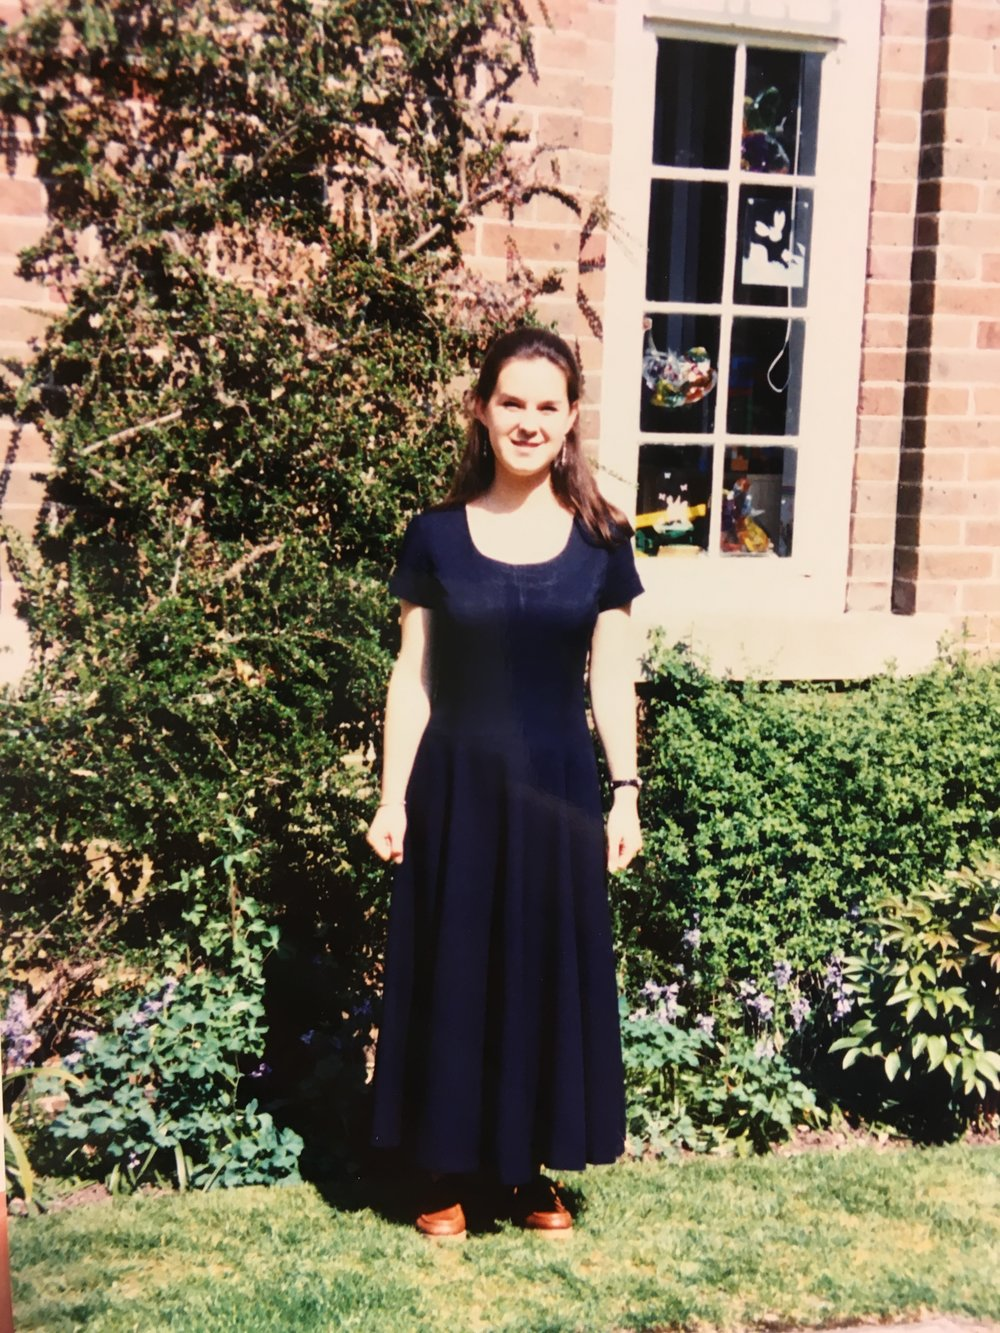 Rowena at work 18 yr old.JPG